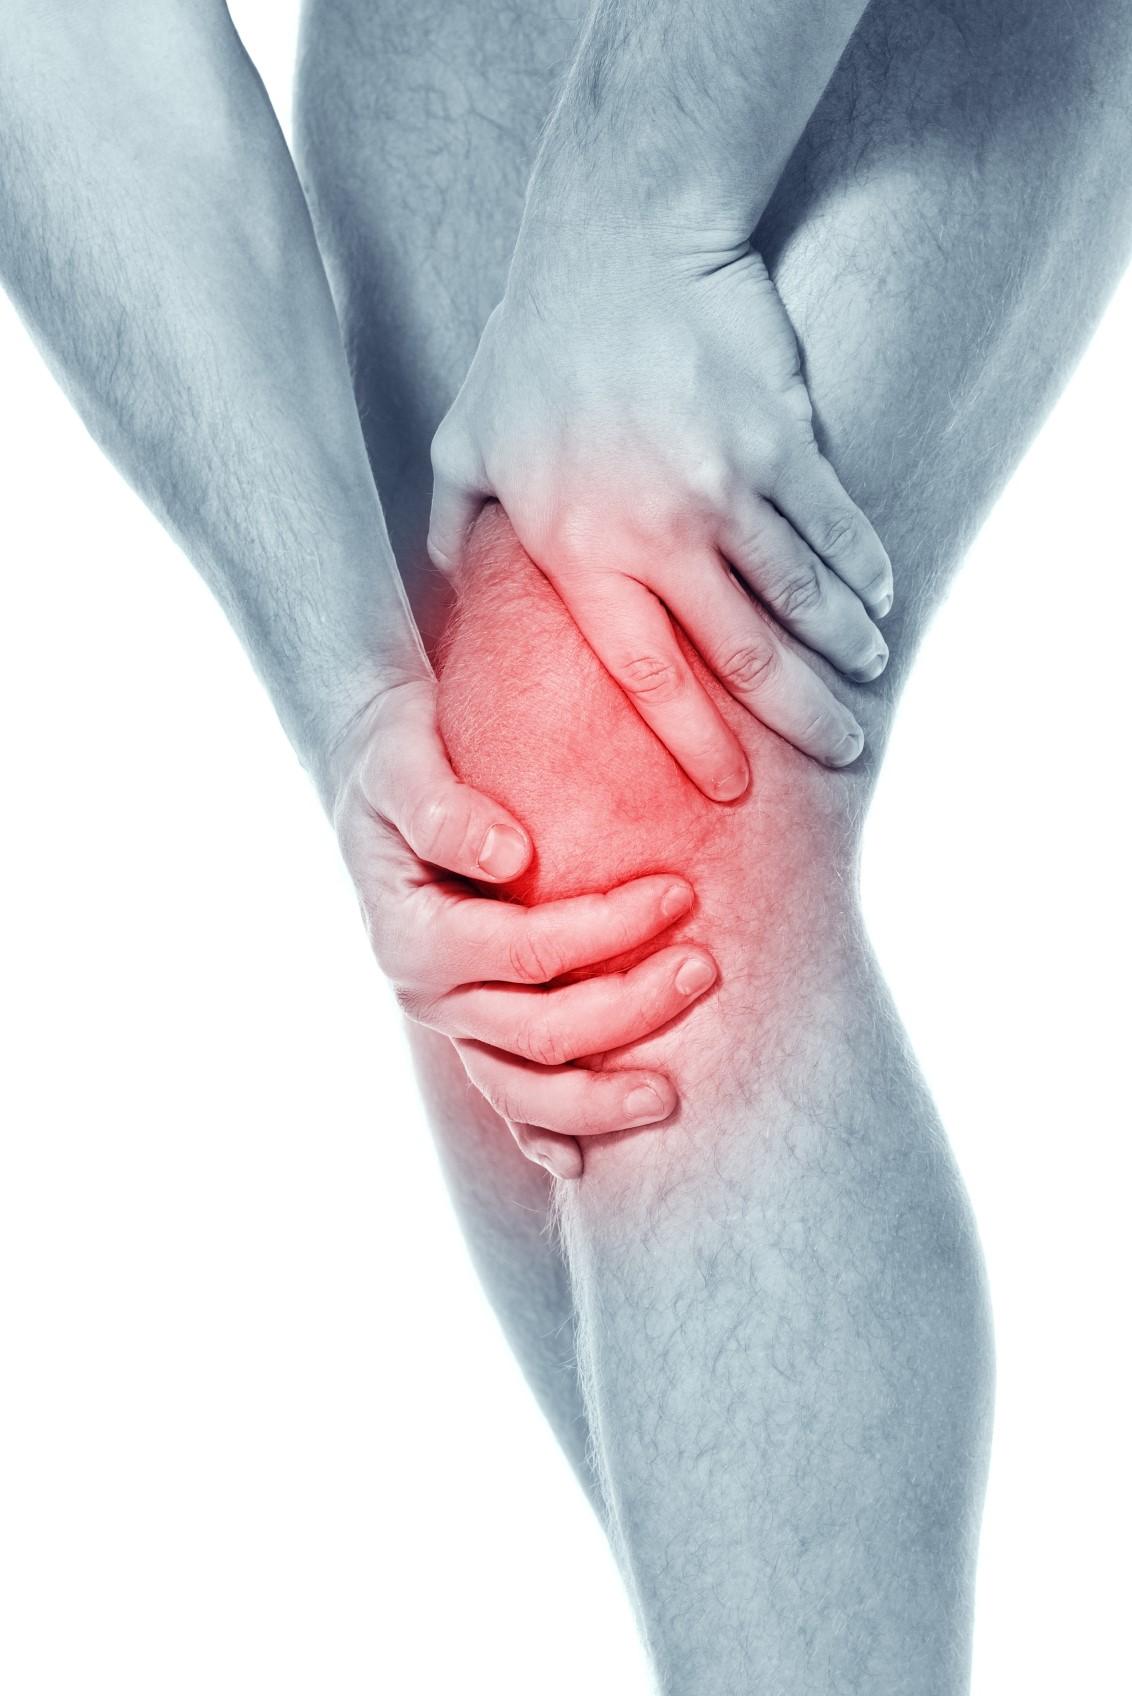 Artroosi kasi kuunarvarre ravi Ulekuumenemine ja liigesevalu